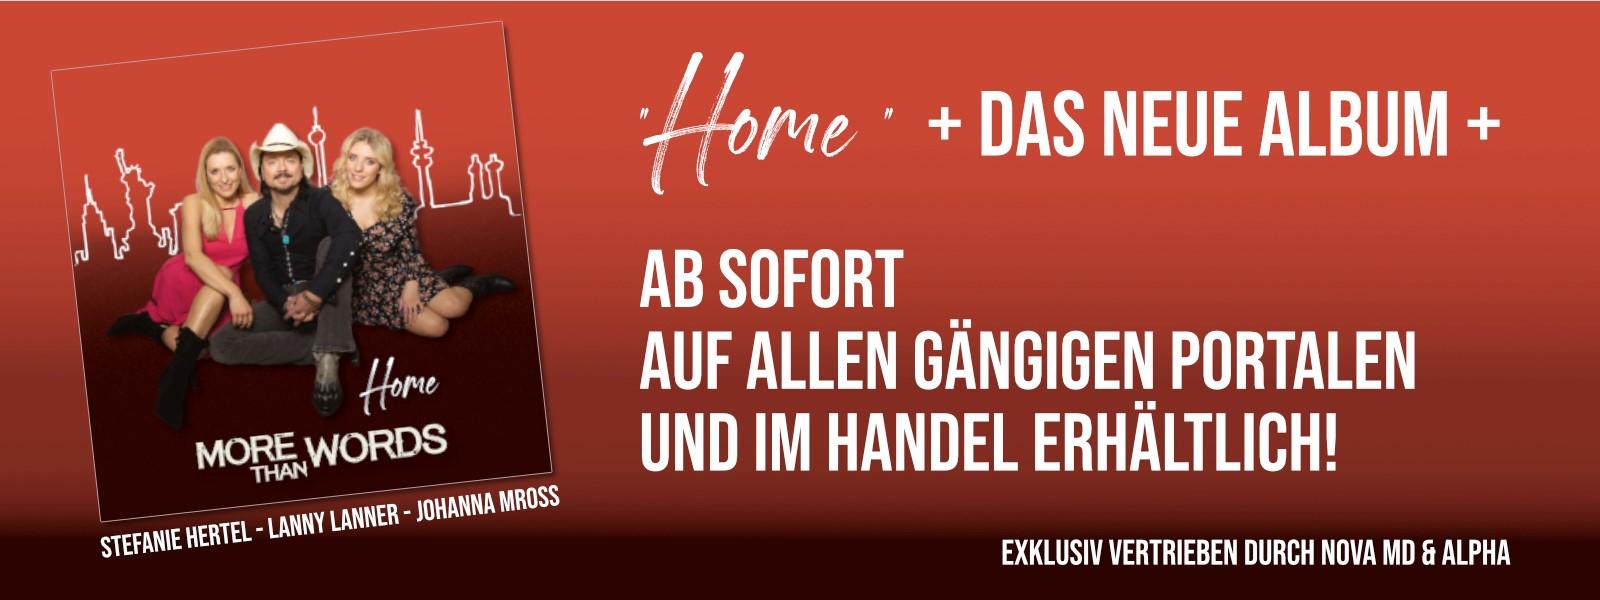 More Than Words - die neue Band von Stefanie Hertel, Lanny Lanner und Johanna Mross